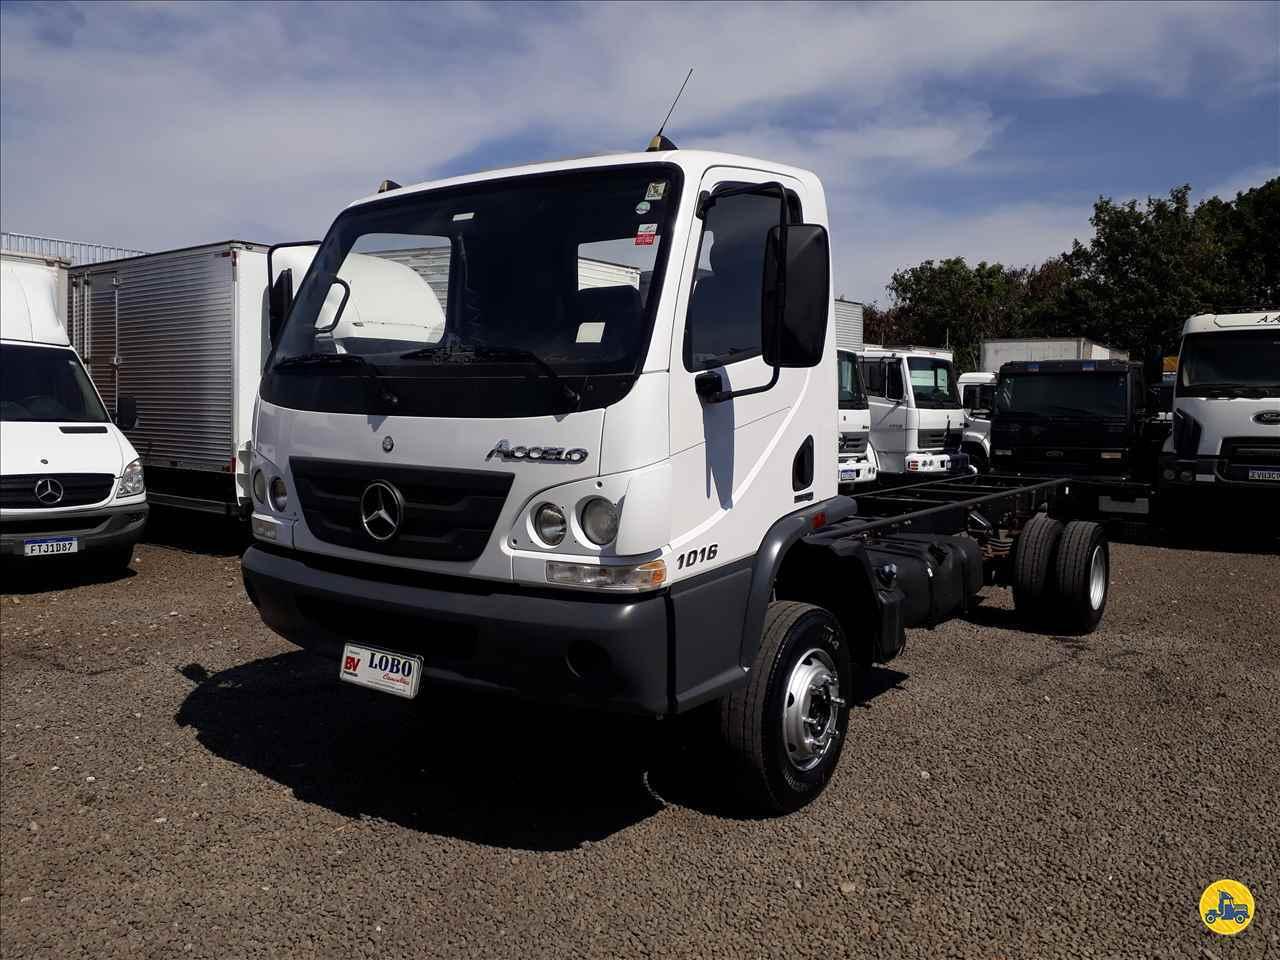 CAMINHAO MERCEDES-BENZ MB 1016 Chassis 3/4 4x2 Lobo Caminhões AMERICANA SÃO PAULO SP